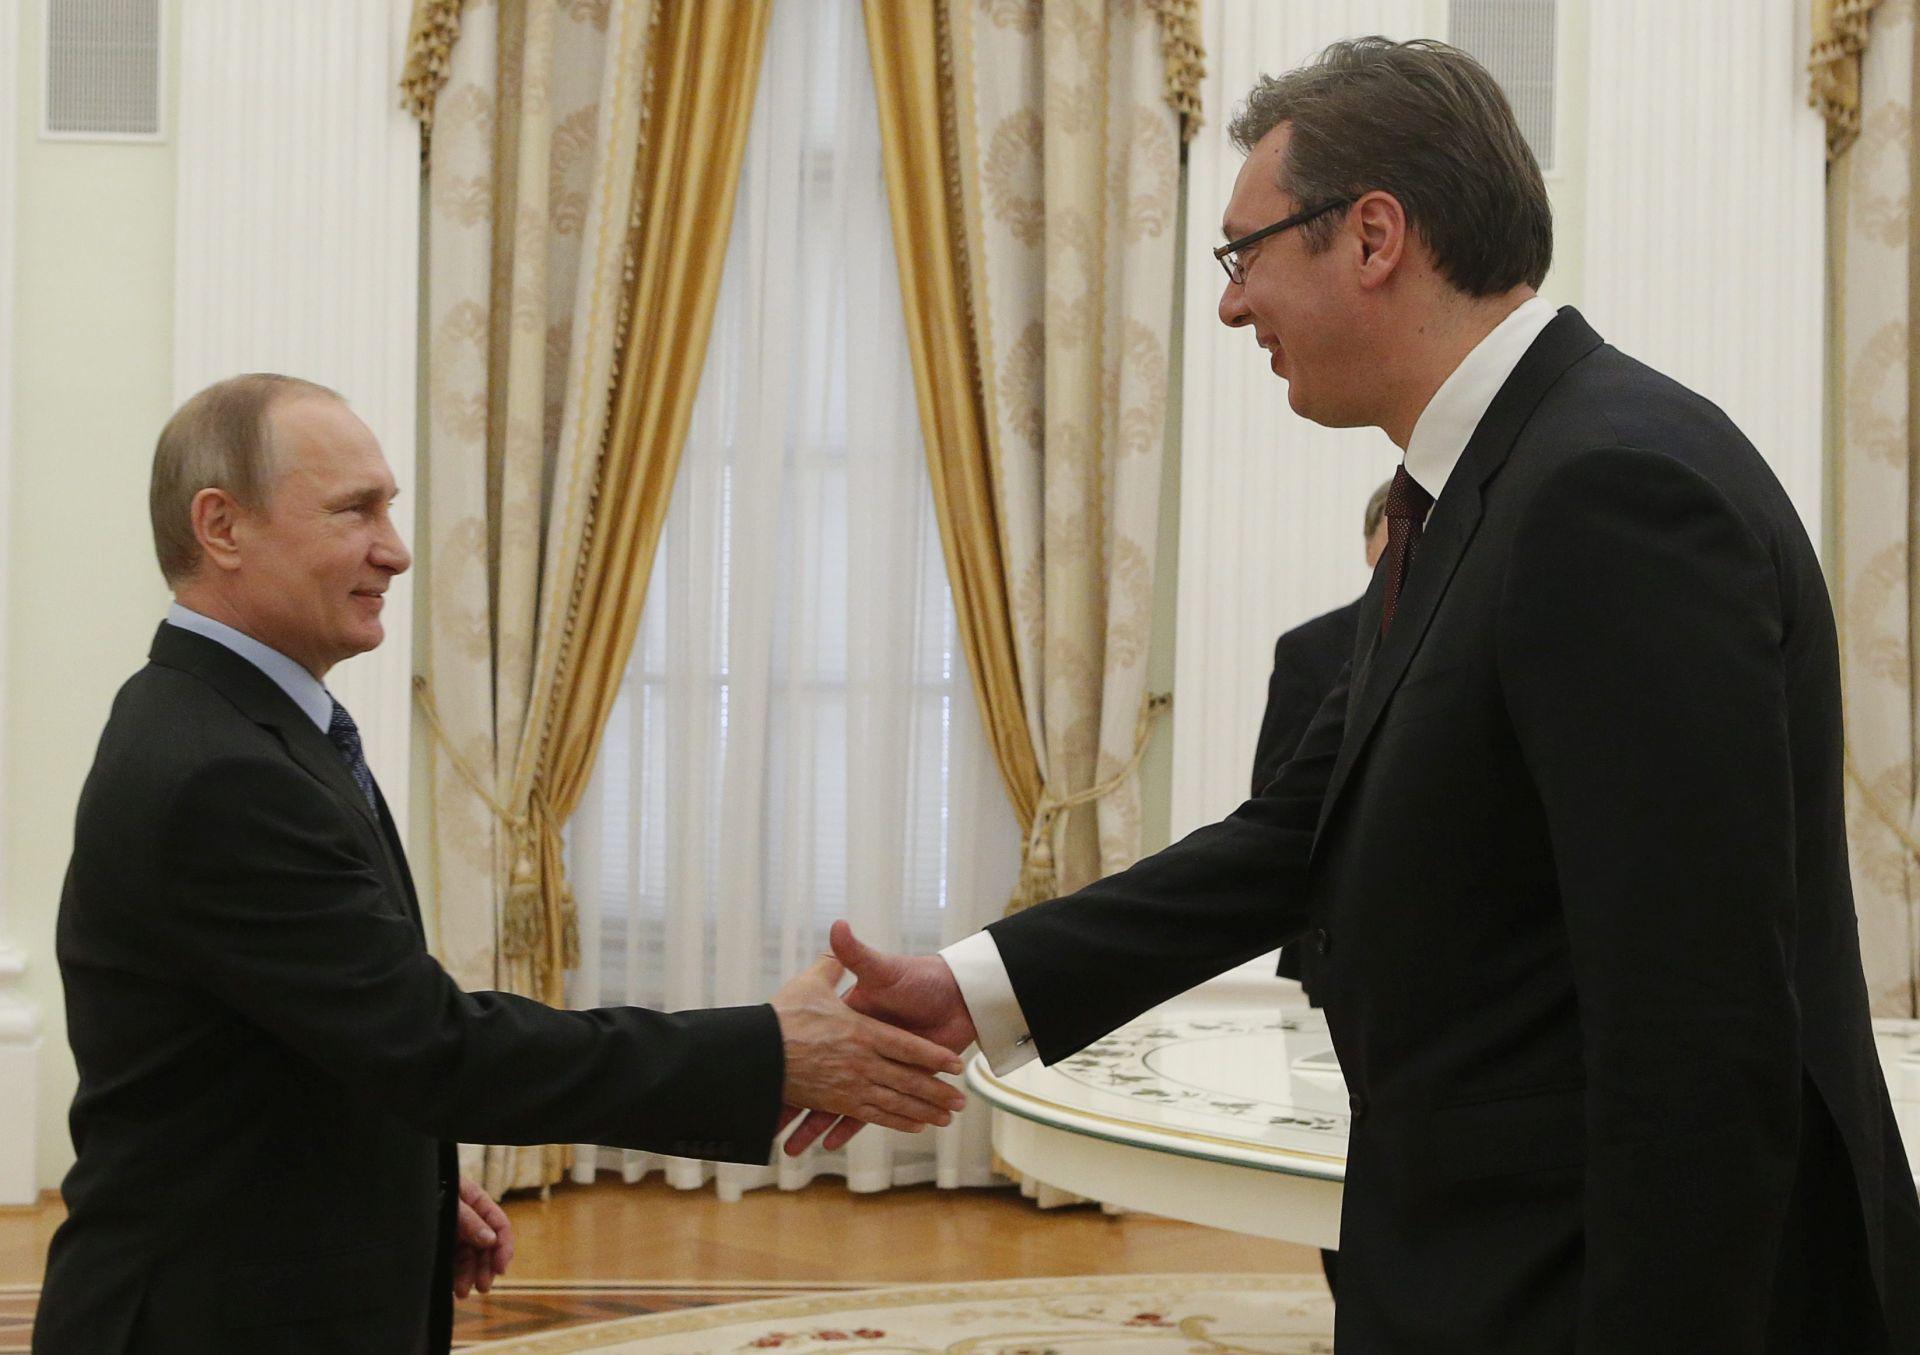 EU ČLANSTVO: Srbiju na putu koči bliskost s Rusijom, a ne zahtjevi Hrvatske